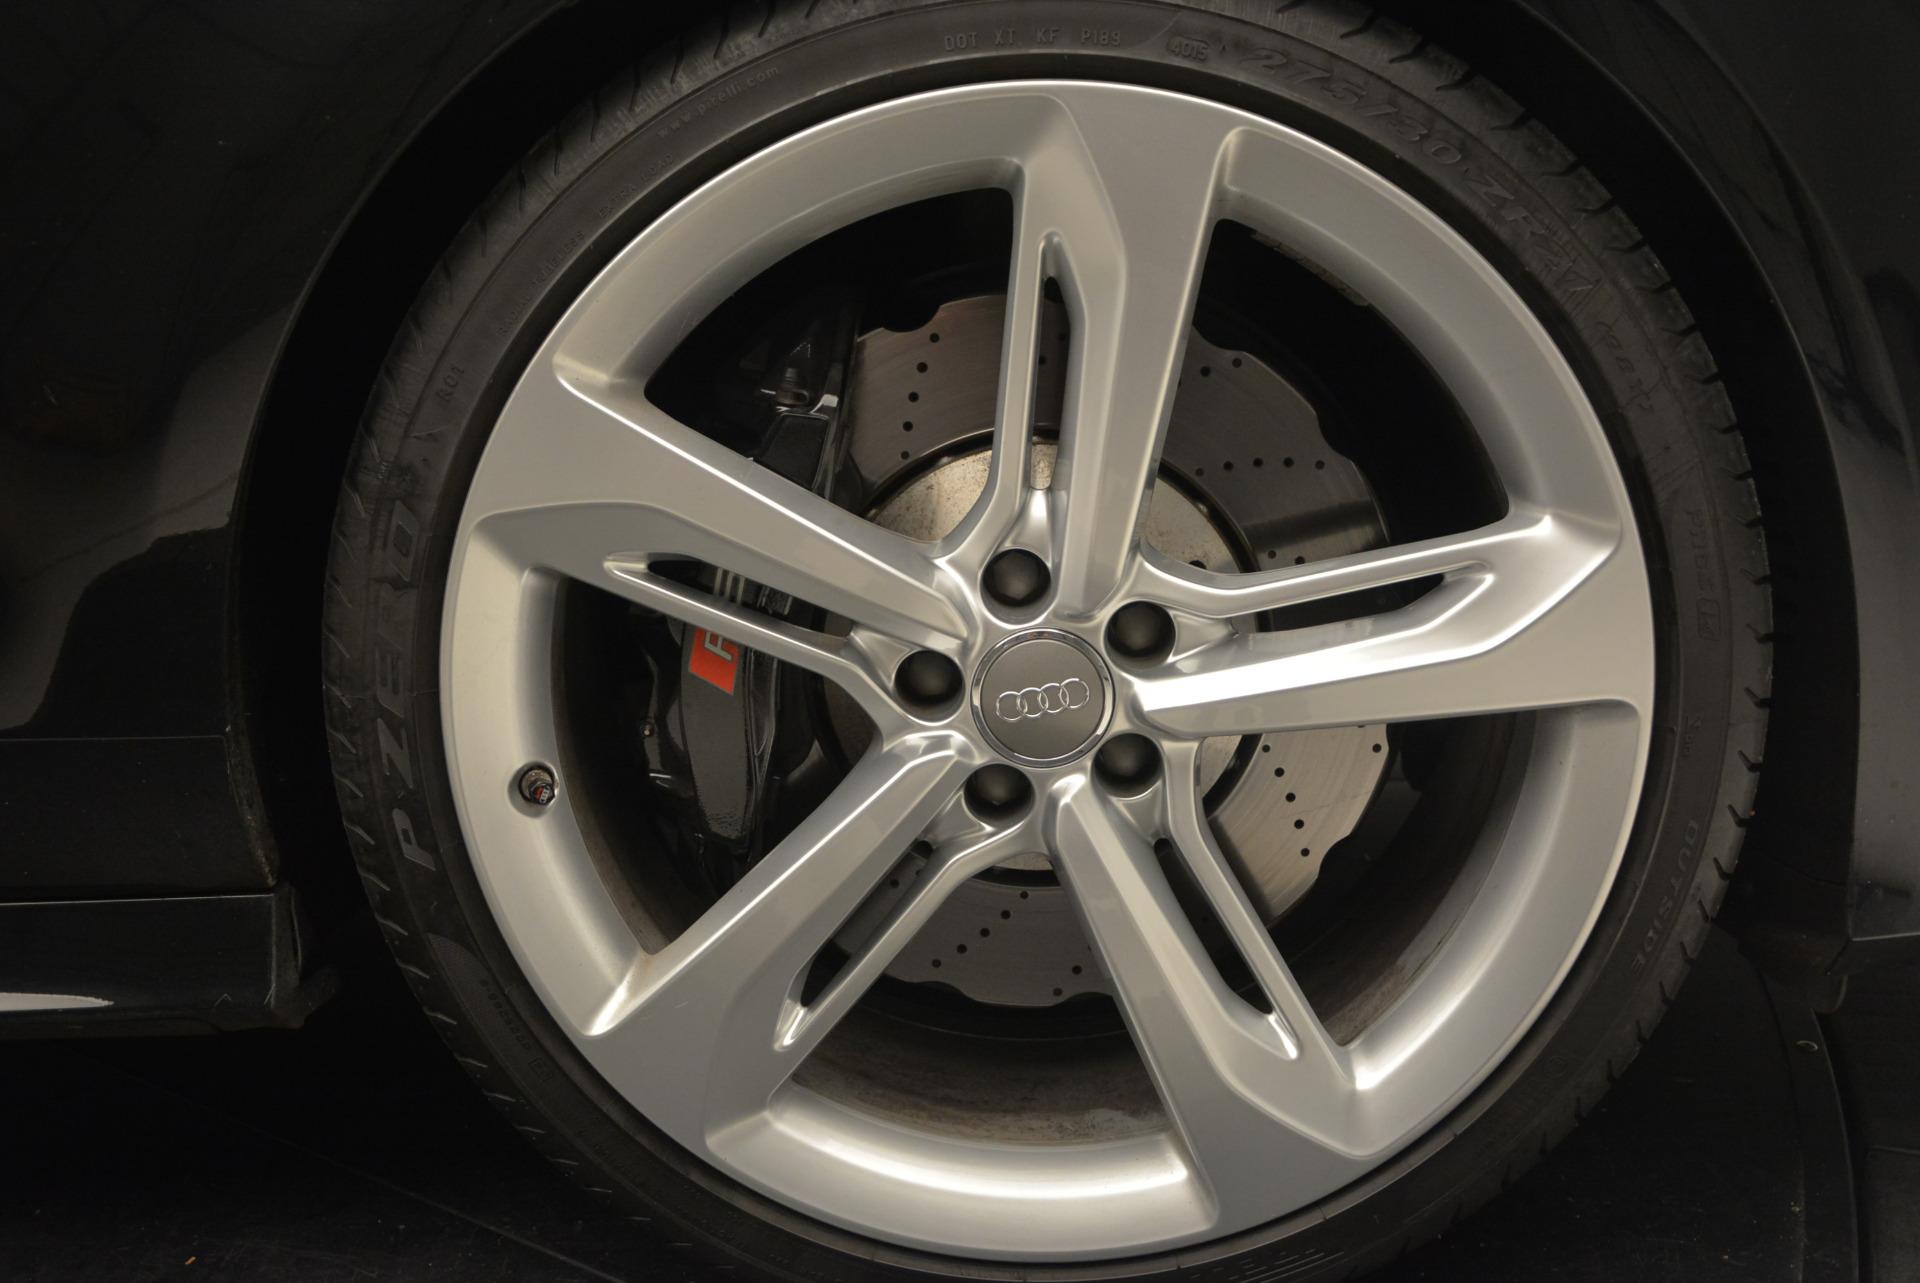 Used 2014 Audi RS 7 4.0T quattro Prestige For Sale In Greenwich, CT 707_p27